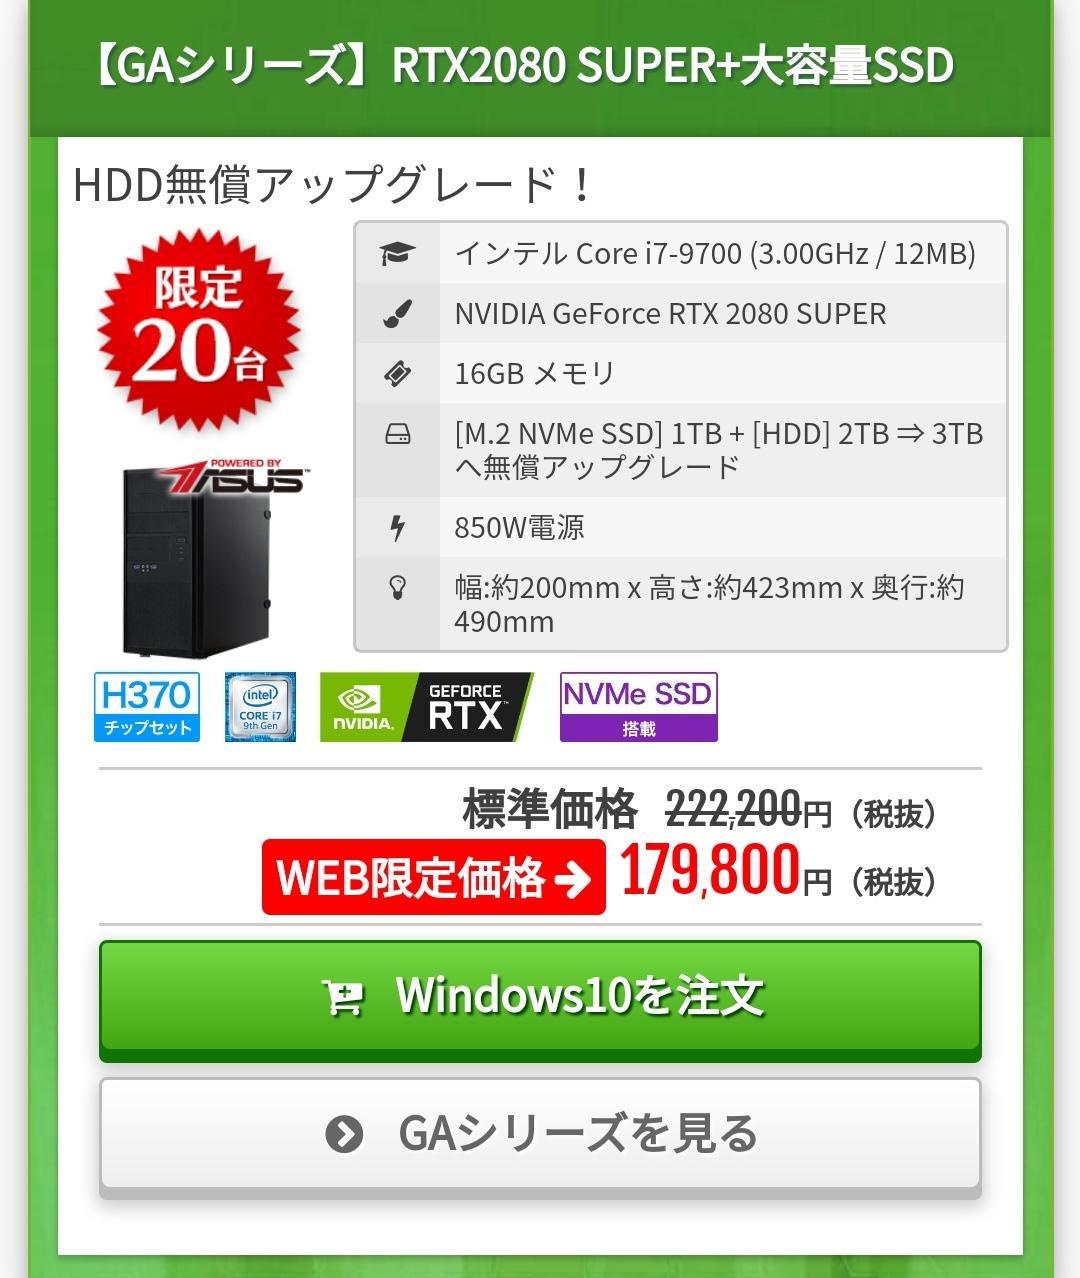 56uunKh - 【画像】フロンティアのゲーミングPC、ガチのマジで安い